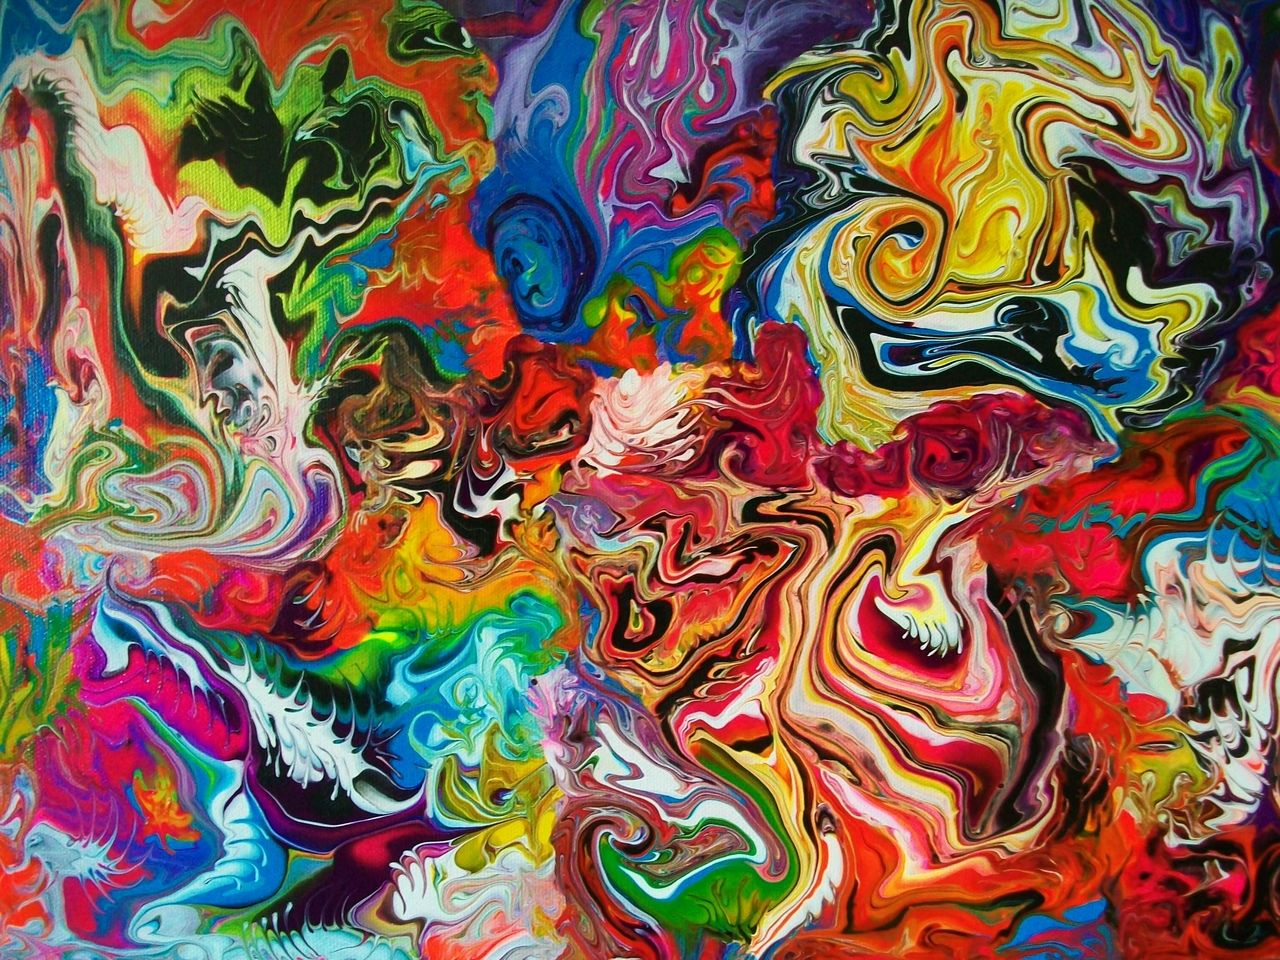 تاثیر رنگها از نظر روانشناسی